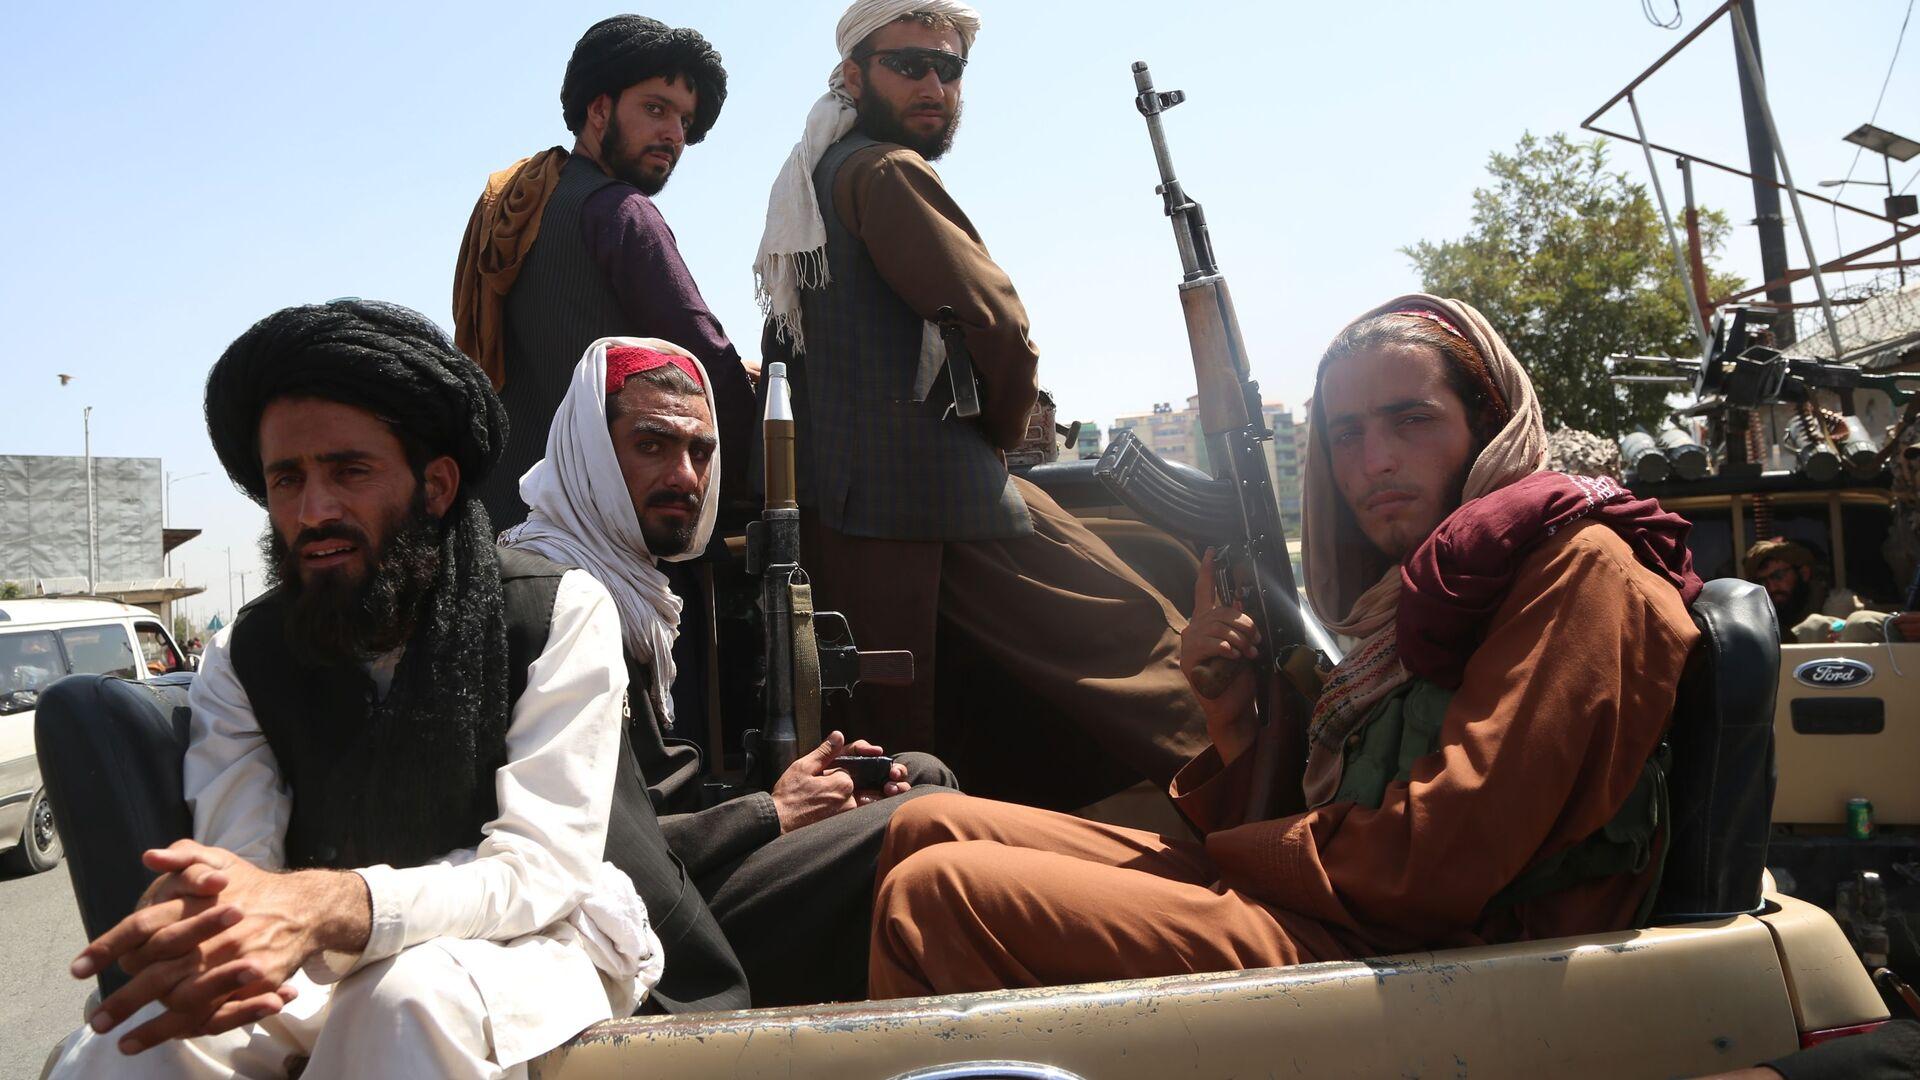 Talibans à Kaboul après la reprise du pouvoir - Sputnik France, 1920, 19.08.2021